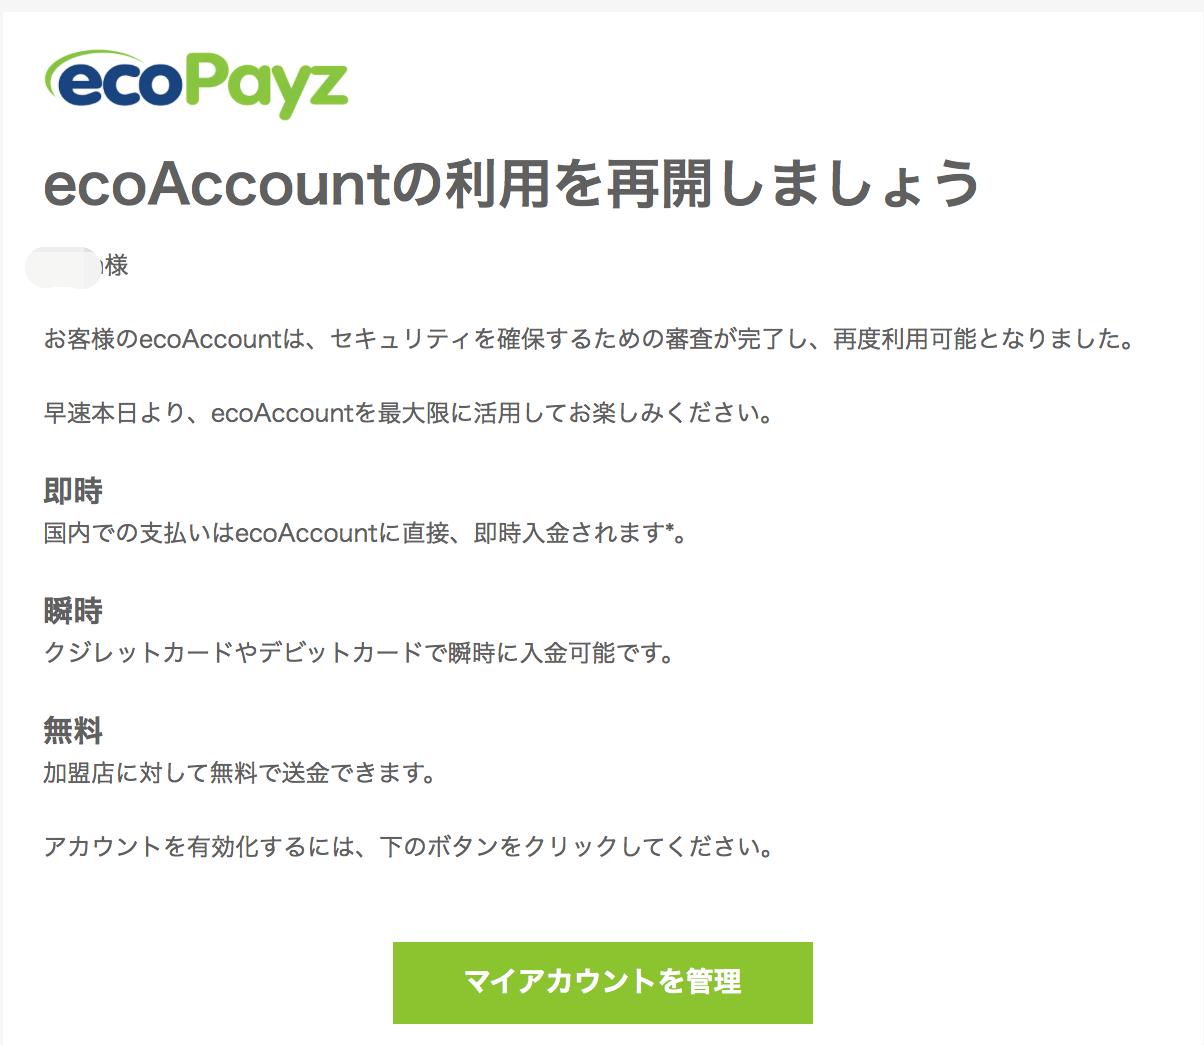 ecoPayz(エコペイズ)クレジットカード制限3